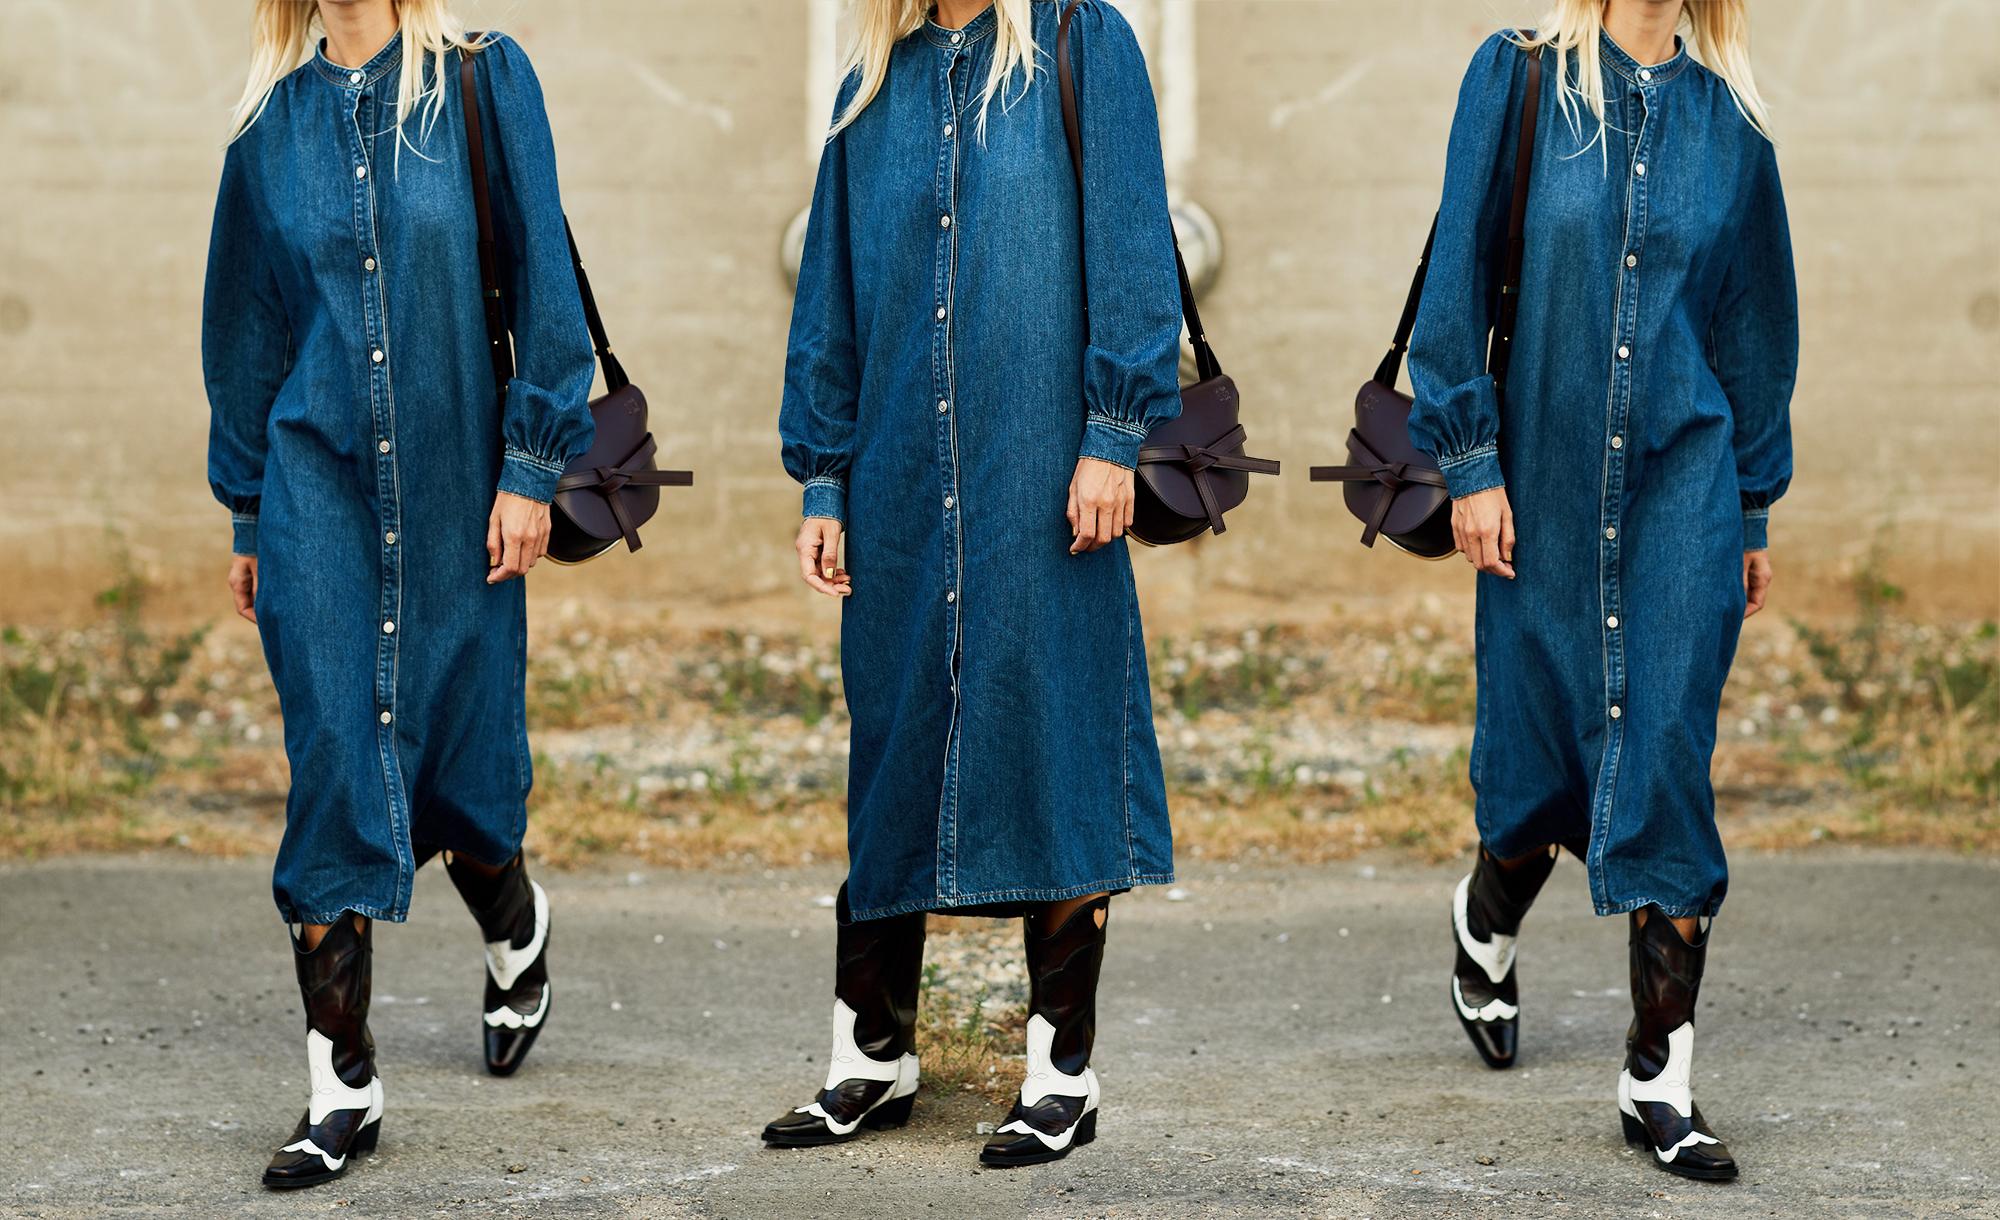 jeans moda inverno 2019 come indossare il vestito di jeans in autunno 2018